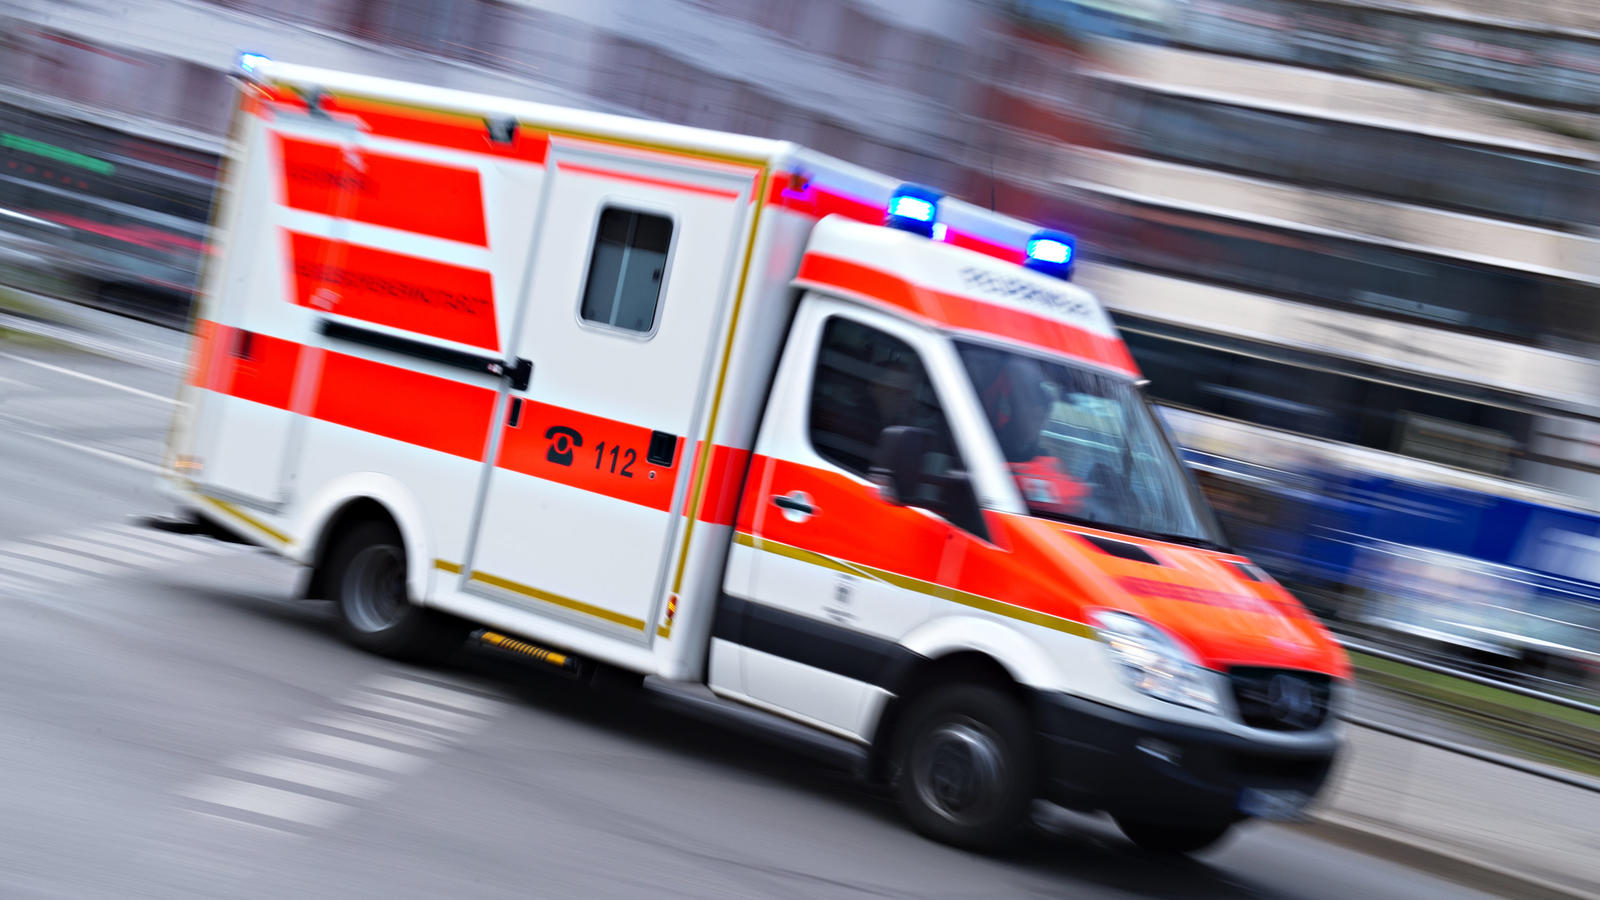 Einjährige stirbt, als Auto in Fußgängergruppe auf Gehweg rast